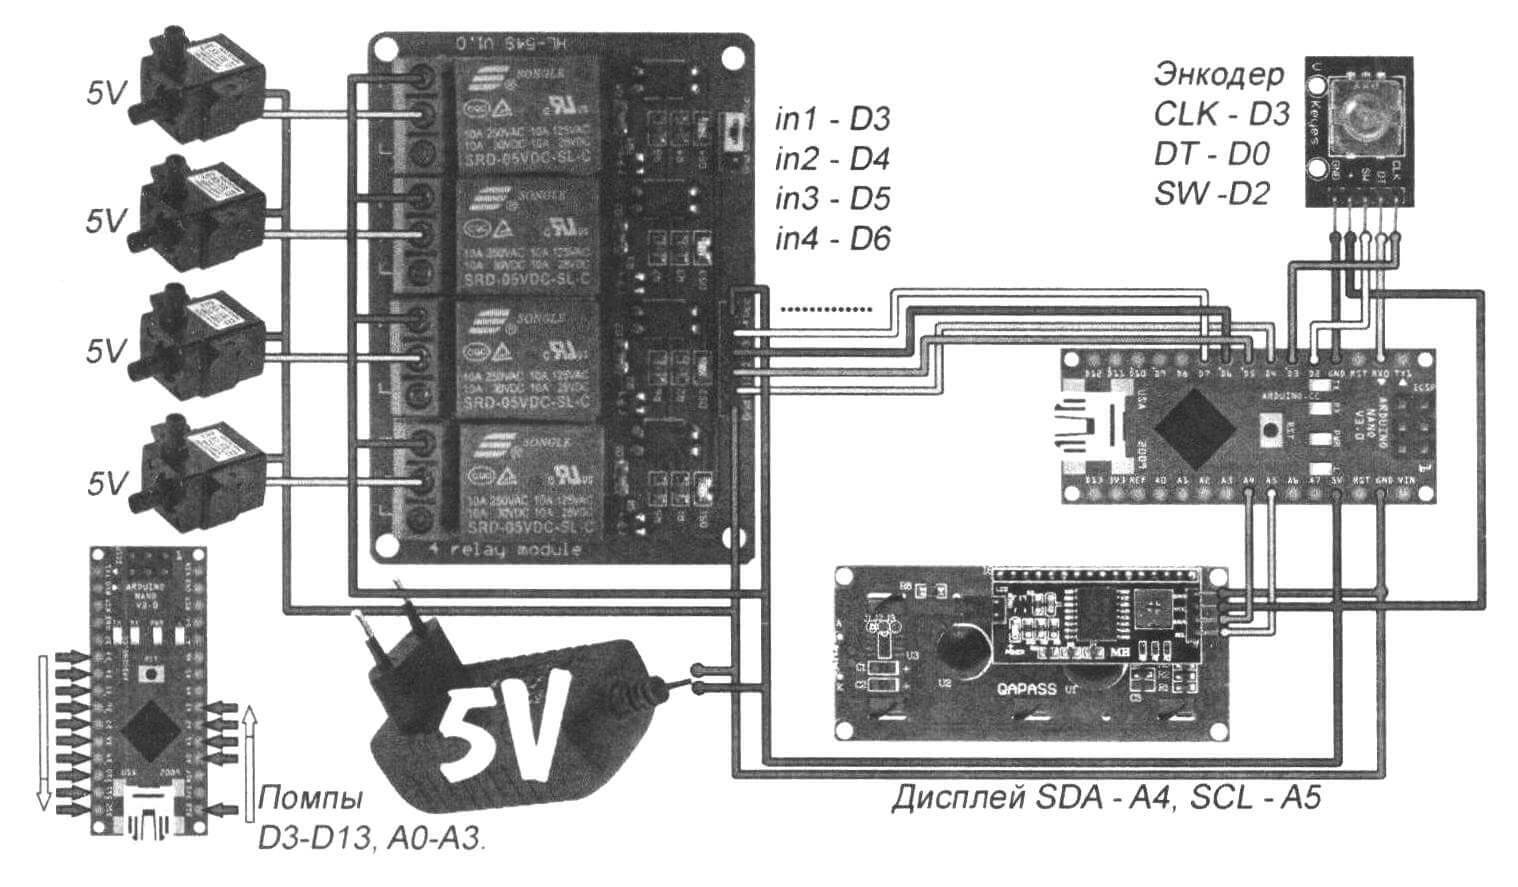 Принципиальная схема многоканальной системы автополива, использующая помпы с питанием 5 В